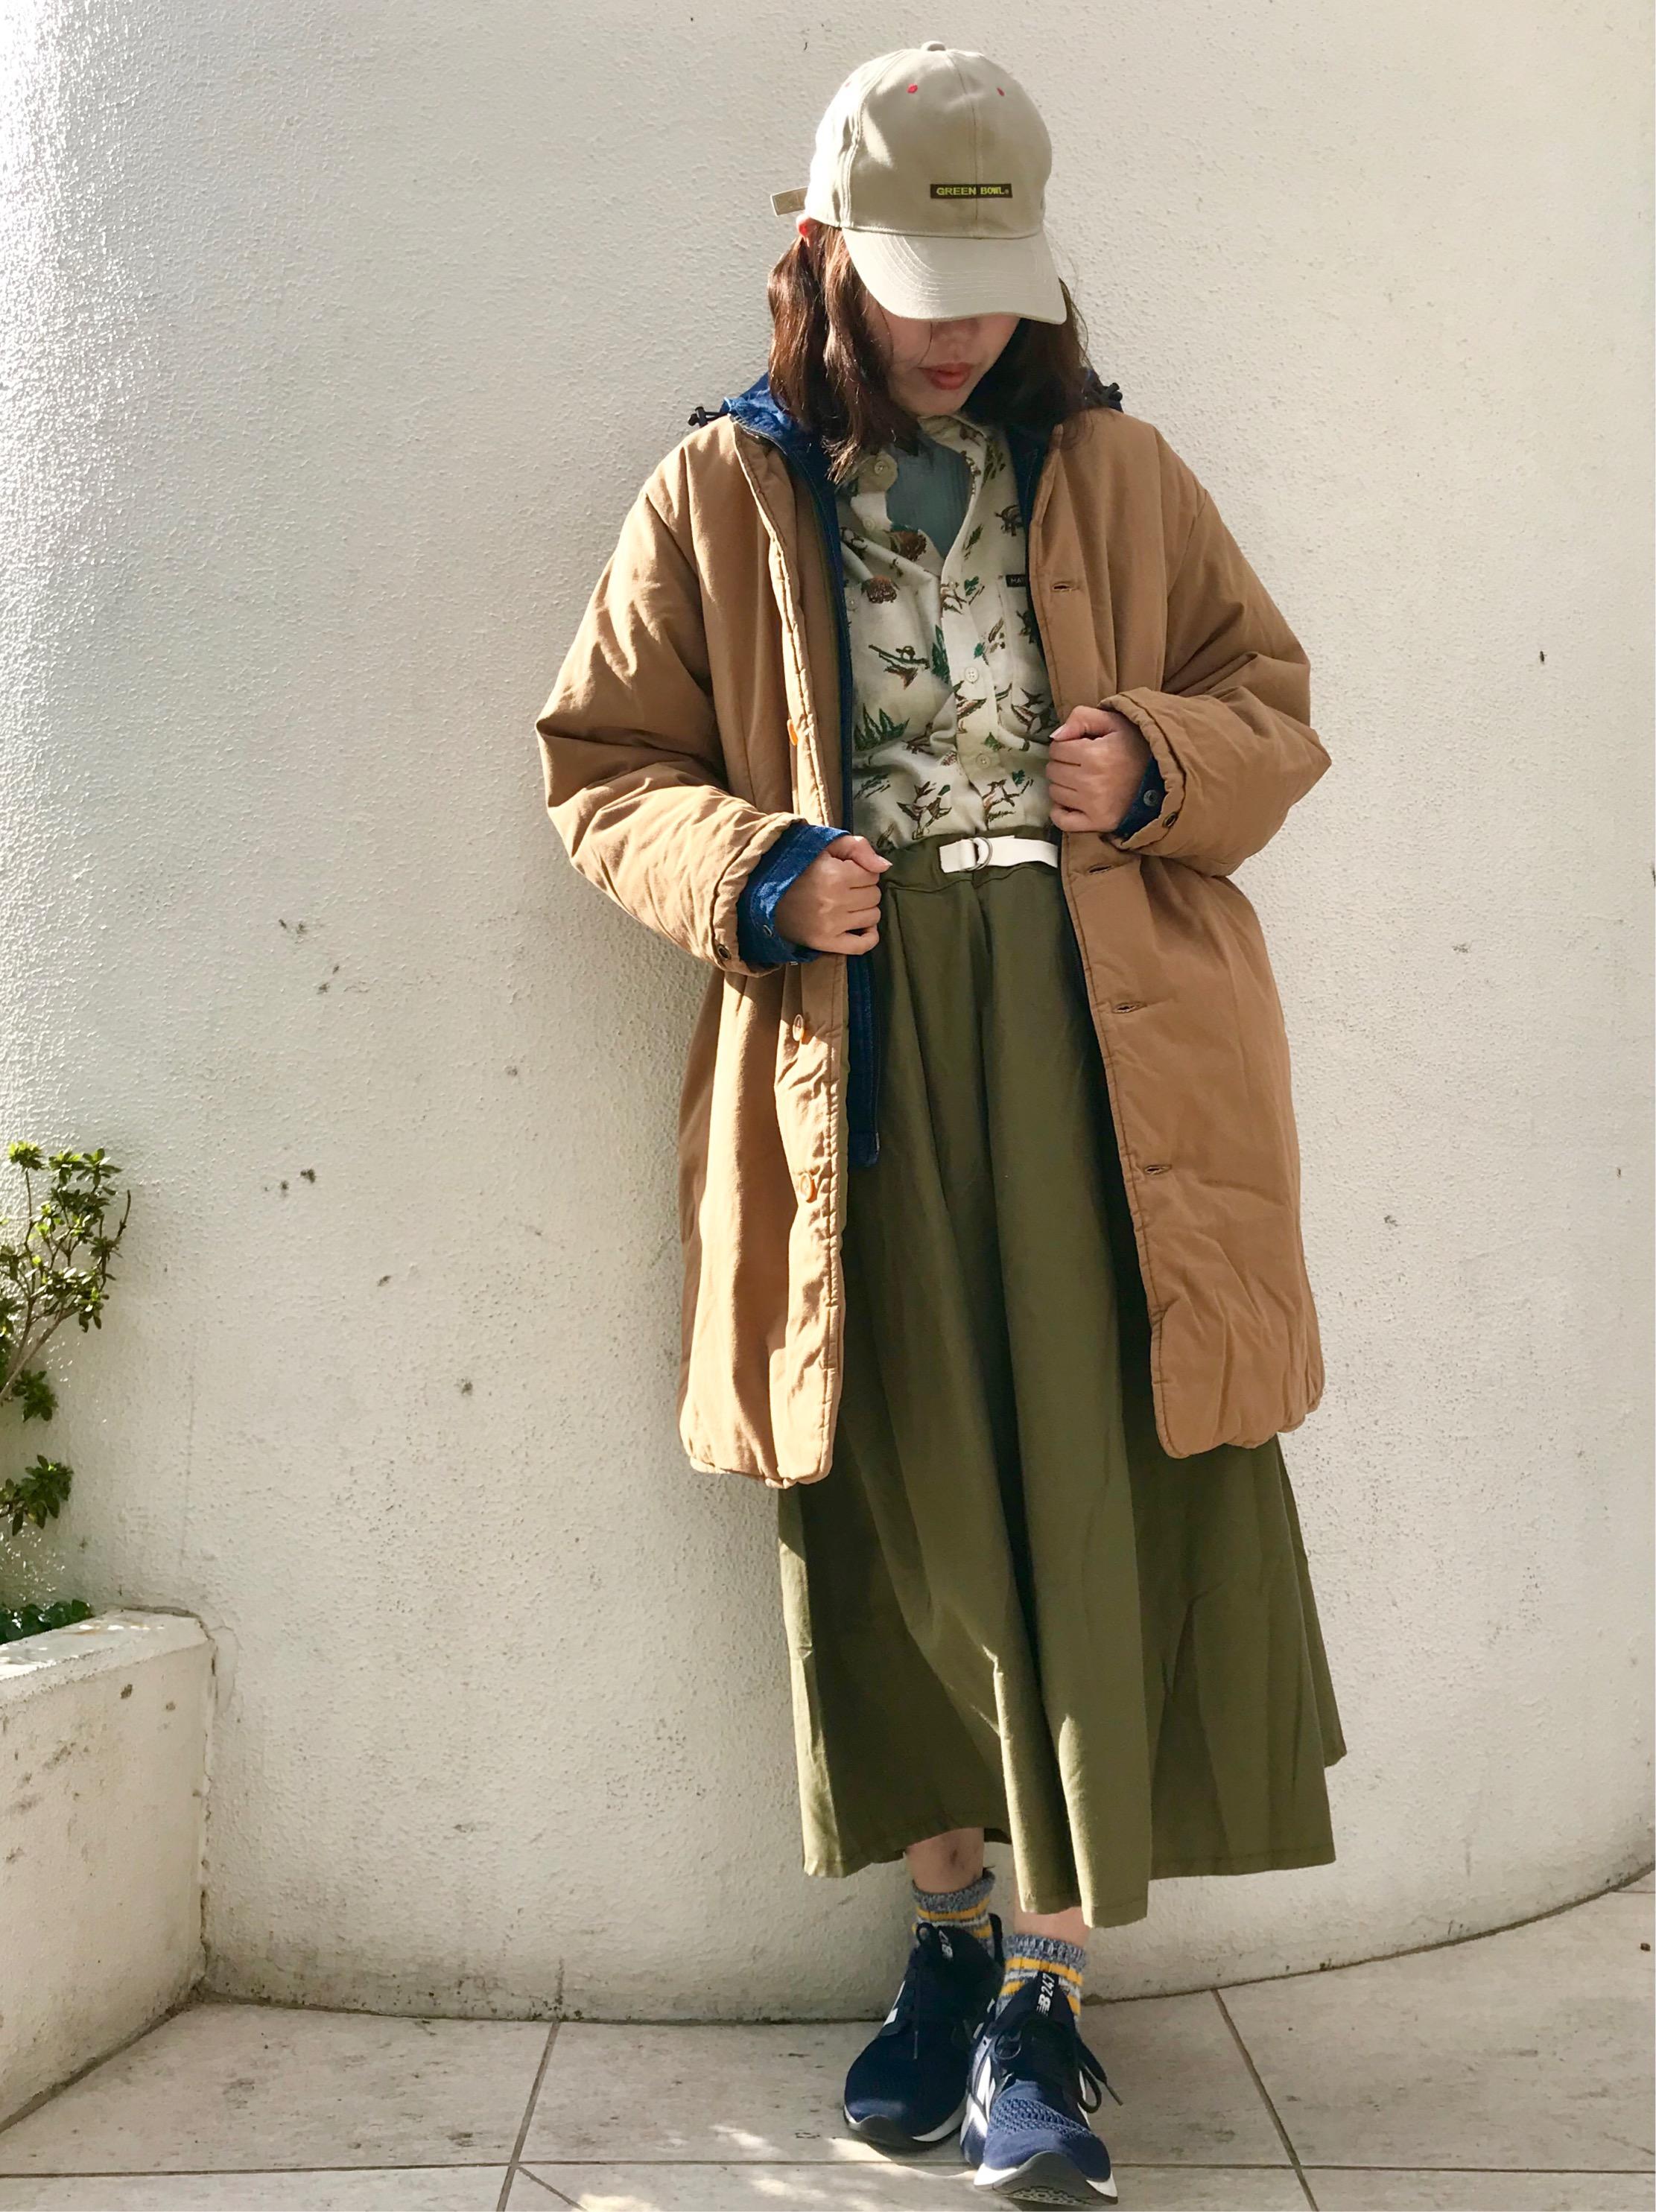 ボリュームロングスカートを使ったコーディネート☆